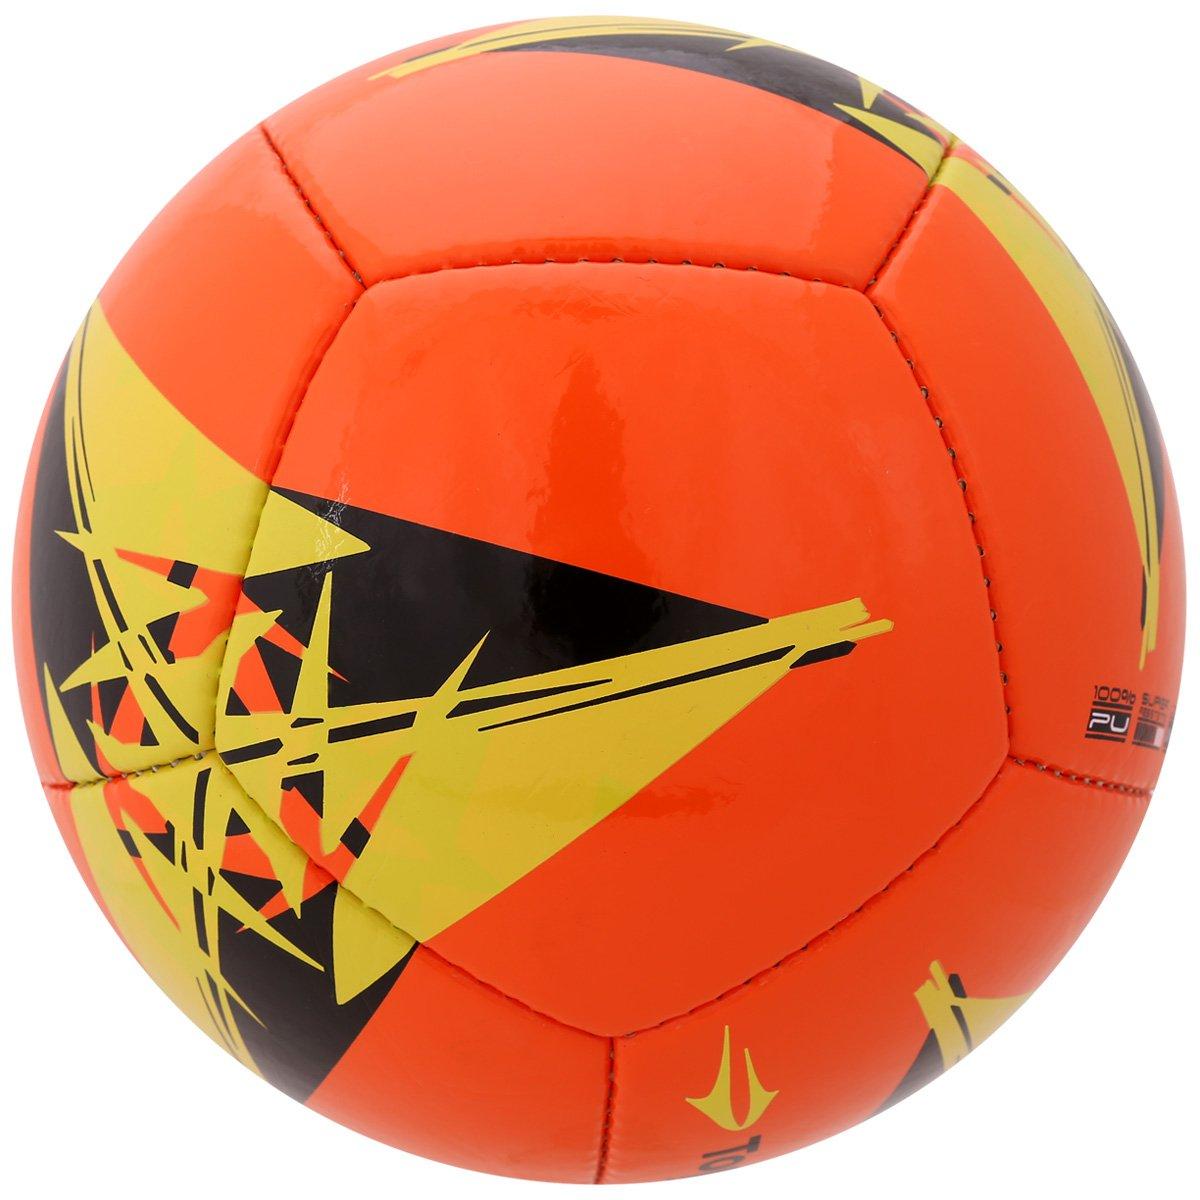 Bola Futebol Topper Futevôlei  Bola Futebol Topper Futevôlei 933f078cec1c3